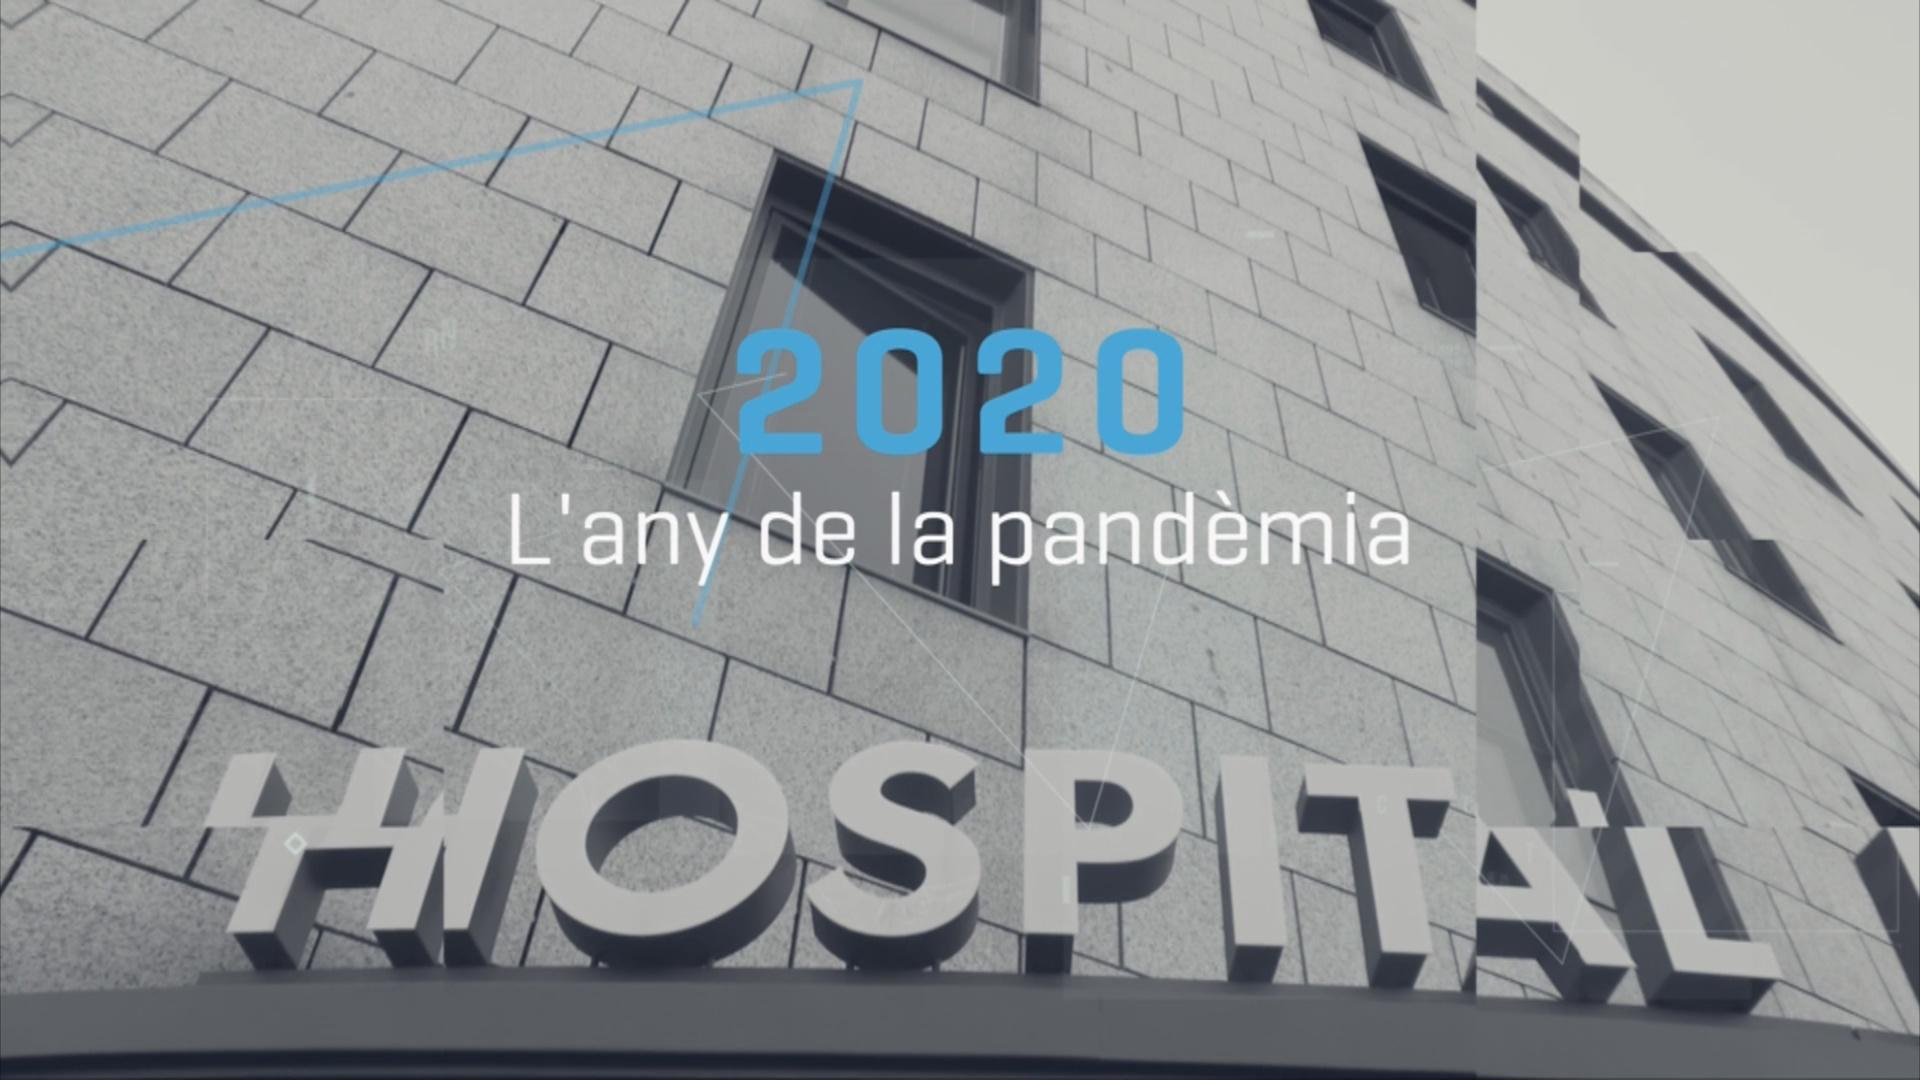 L'any de la pandèmia - Resum de notícies de l'any 2020